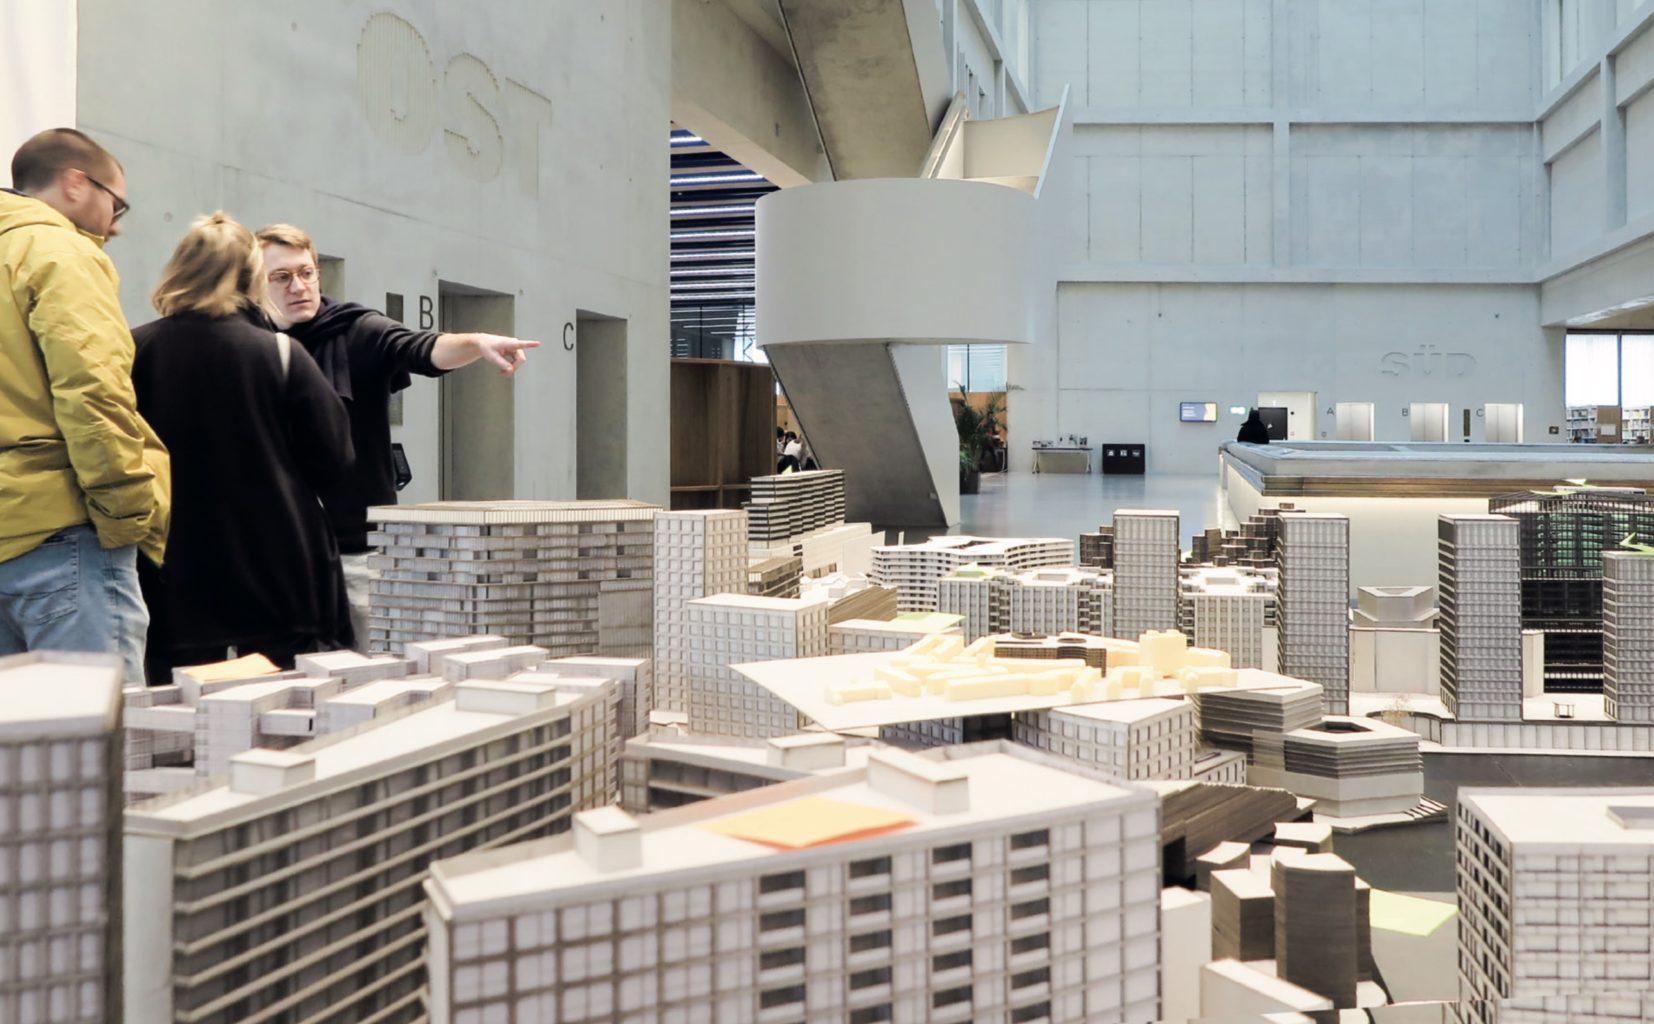 Veranstaltung architekturstudium an der fhnw for Architektur studieren info